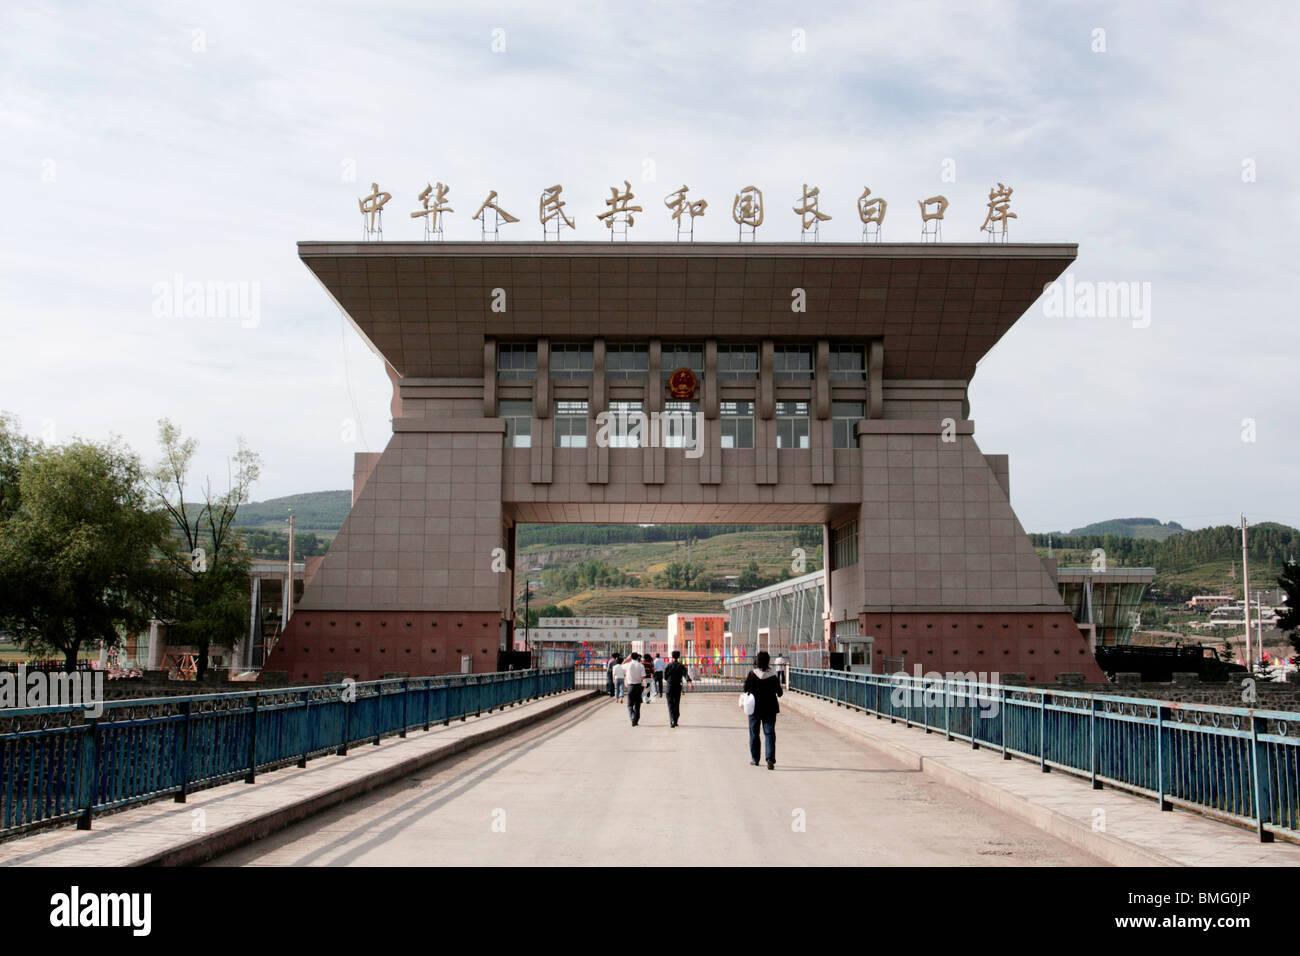 Changbai Korean Autonomous County #